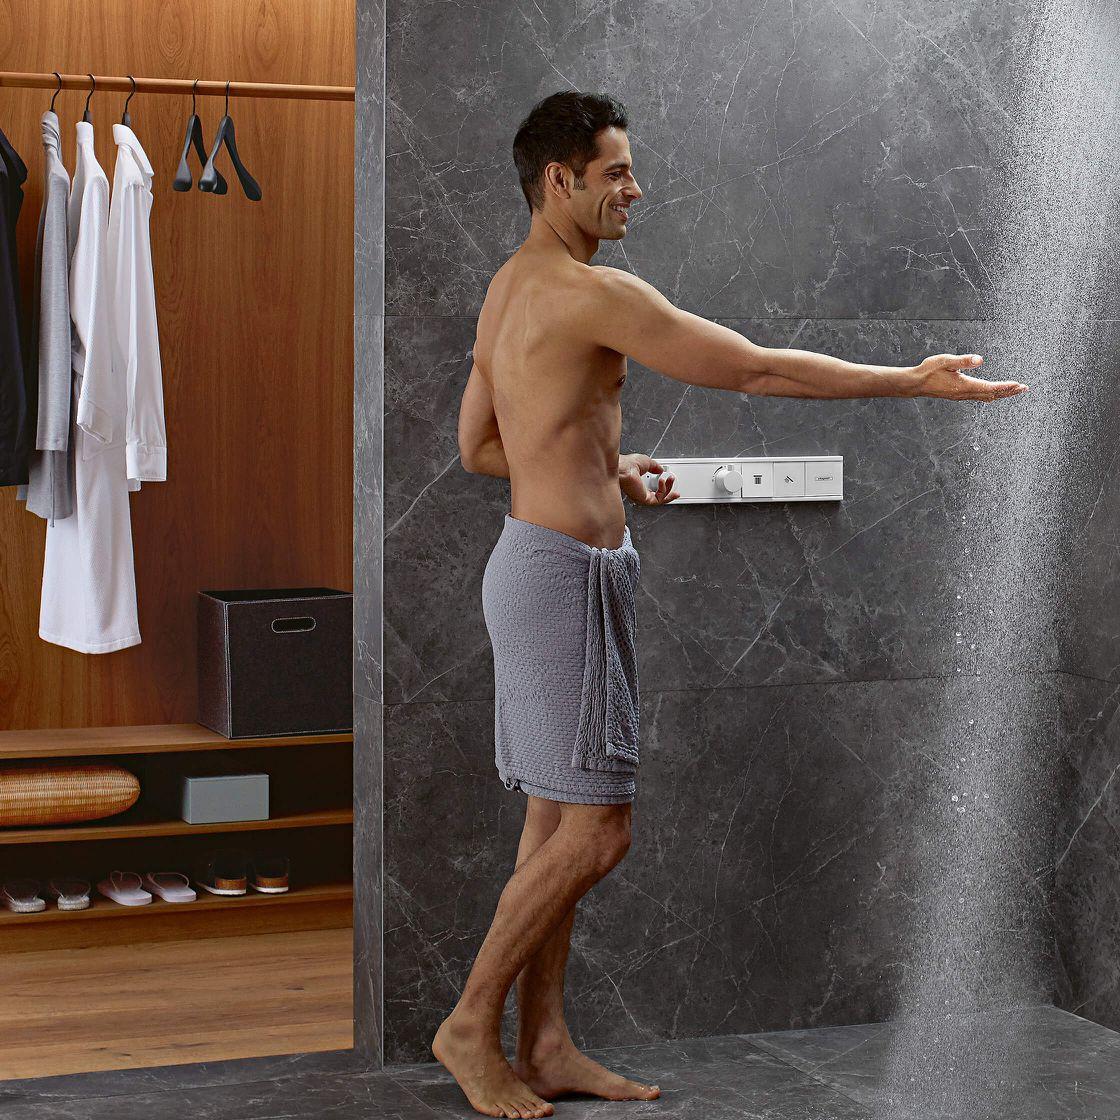 Integrales Bad mit direktem Zugang zum begehbaren Kleiderschrank